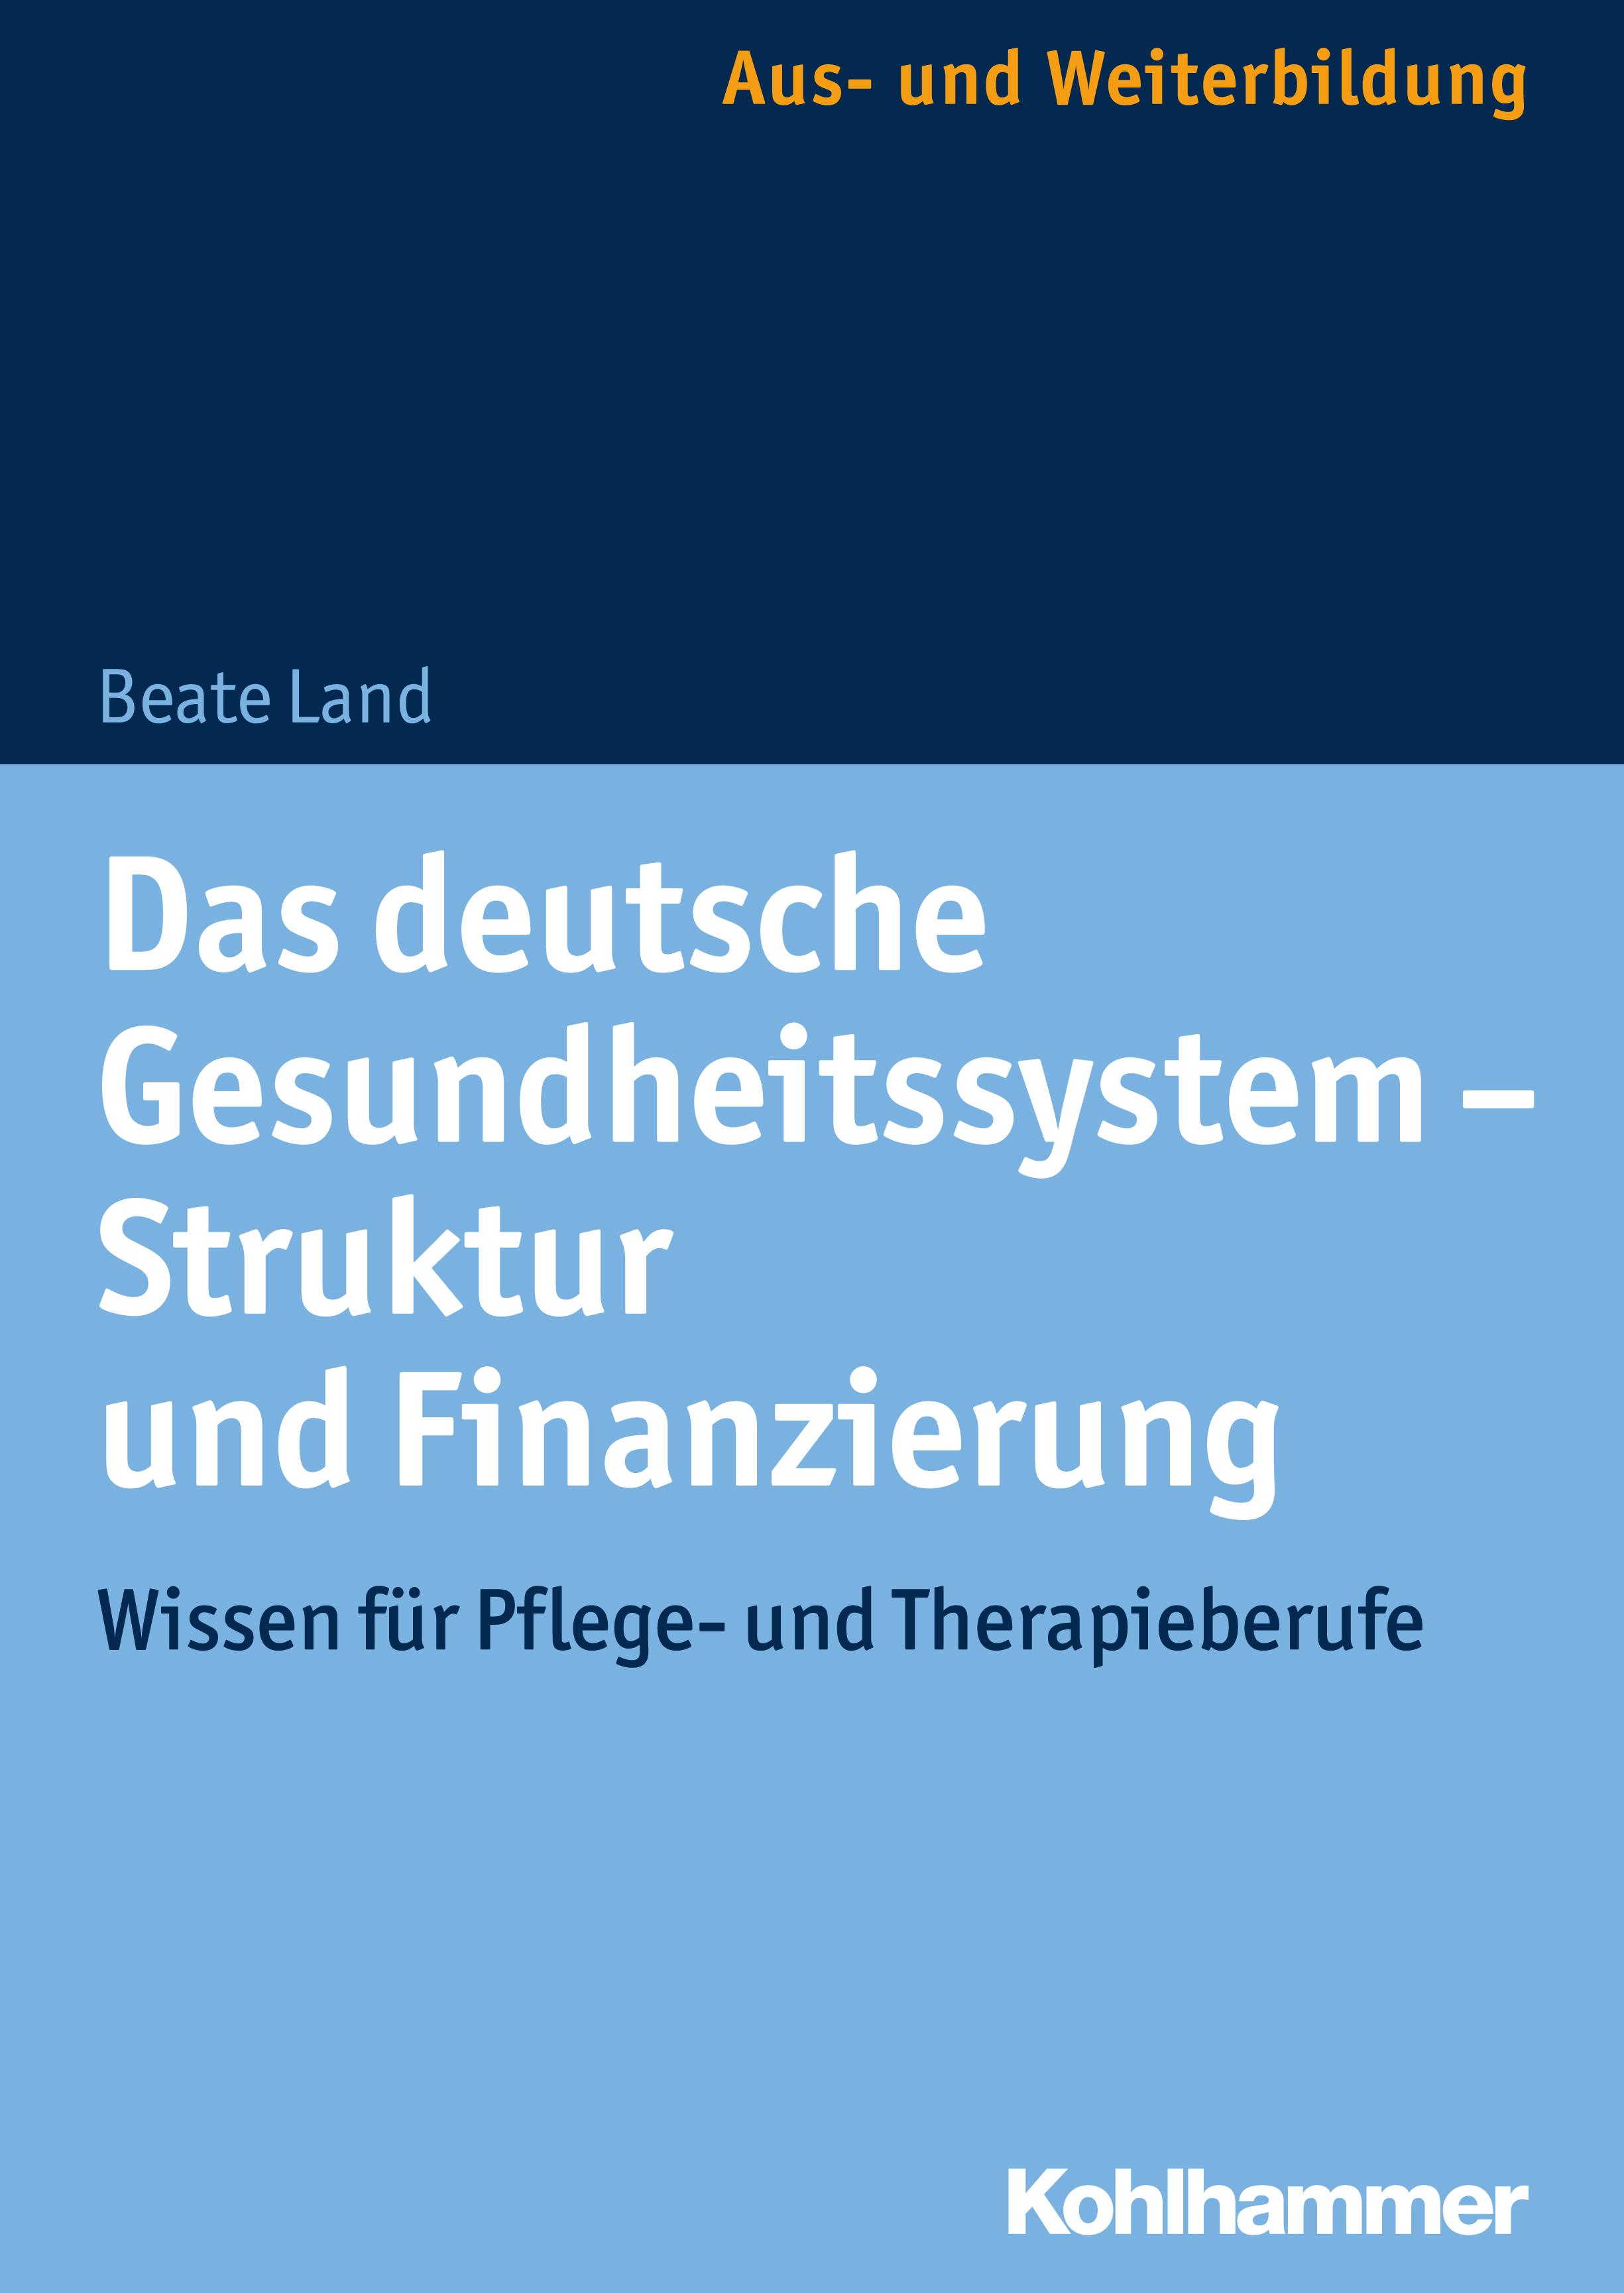 Beate Land Das deutsche Gesundheitssystem - Struktur und Finanzierung eike luetjen struktur und performance ostasiatischer finanzmarkte